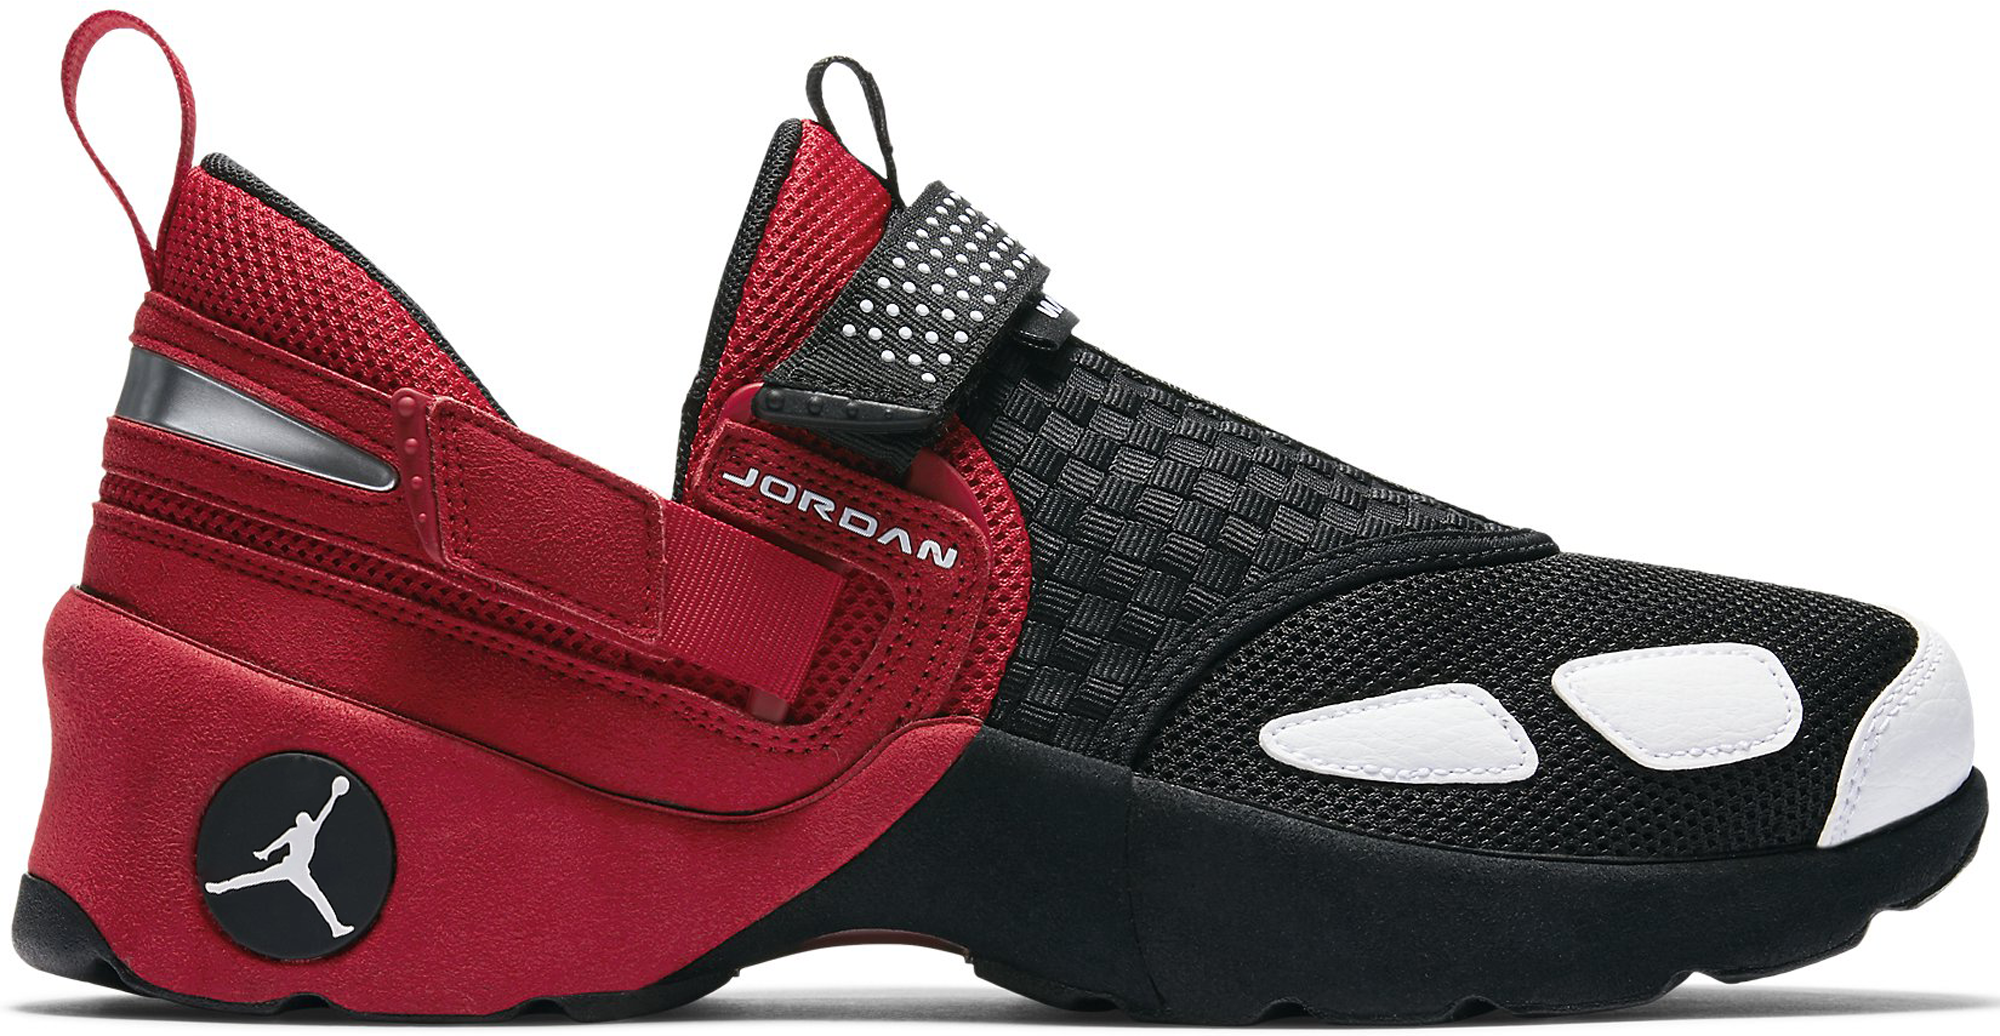 Jordan Trunner LX Black Red (2017